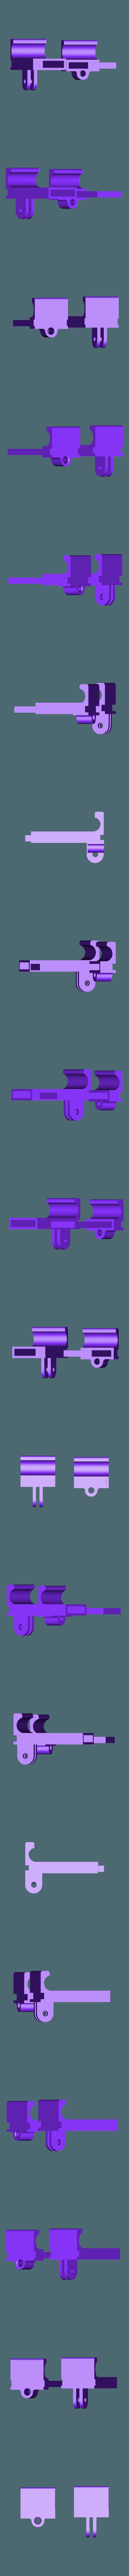 V2_phon_grip_all.stl Download free STL file tripod / GoPro phone mount • 3D printer model, MakeItWork